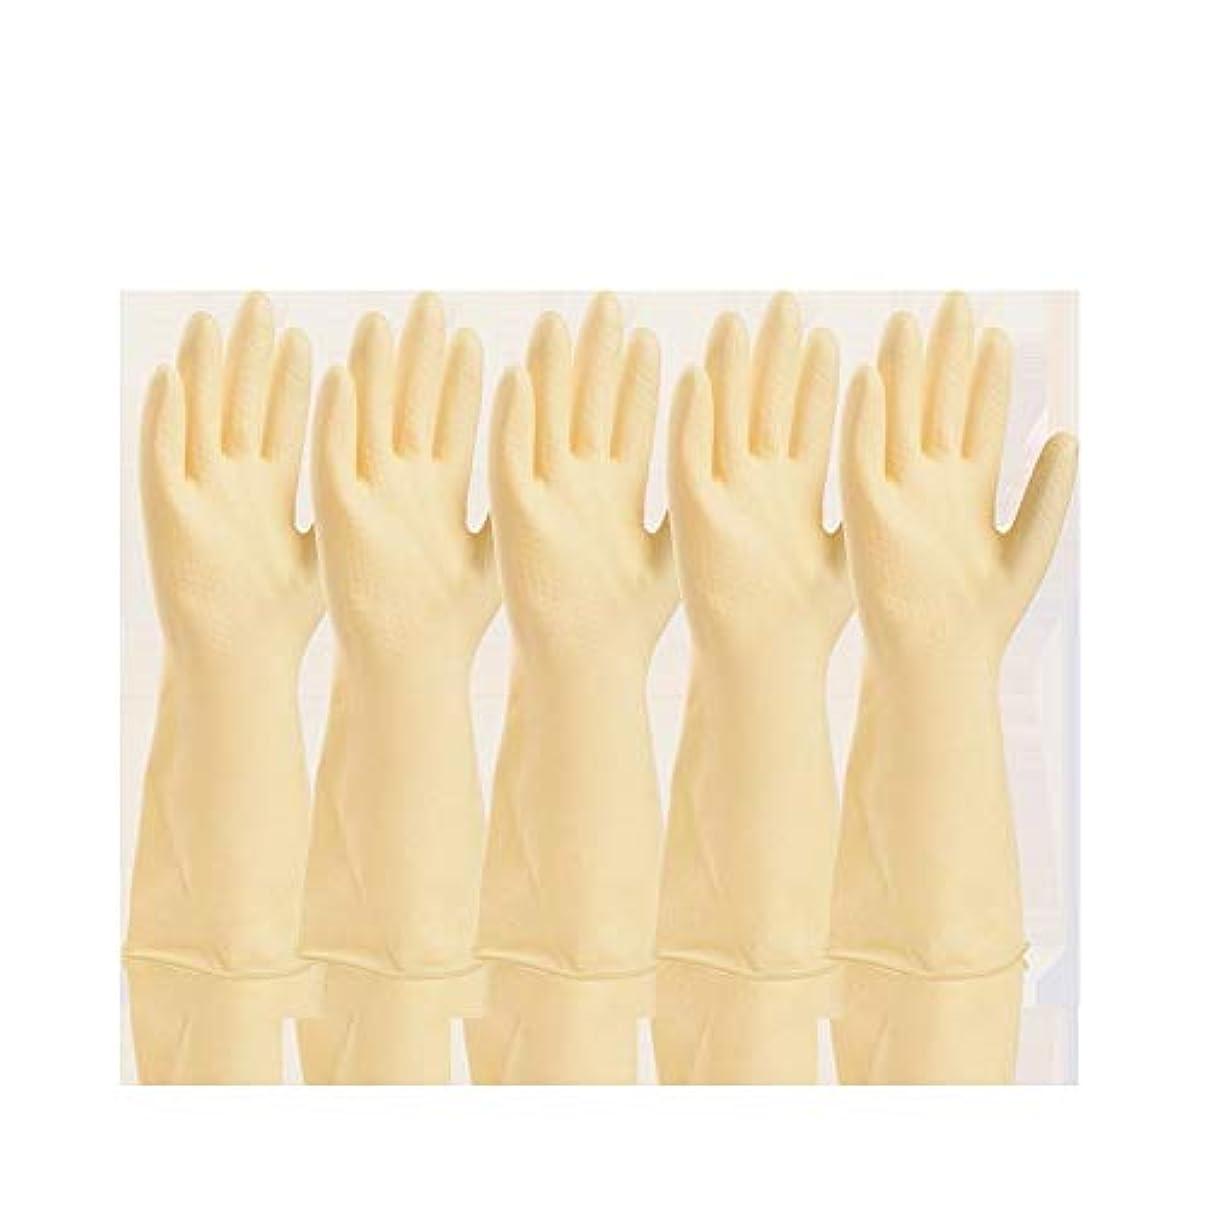 隔離スチュワード未就学ニトリルゴム手袋 工業用手袋厚手のプラスチック製保護用耐水性防水ラテックス手袋、5ペア 使い捨て手袋 (Color : White, Size : L)